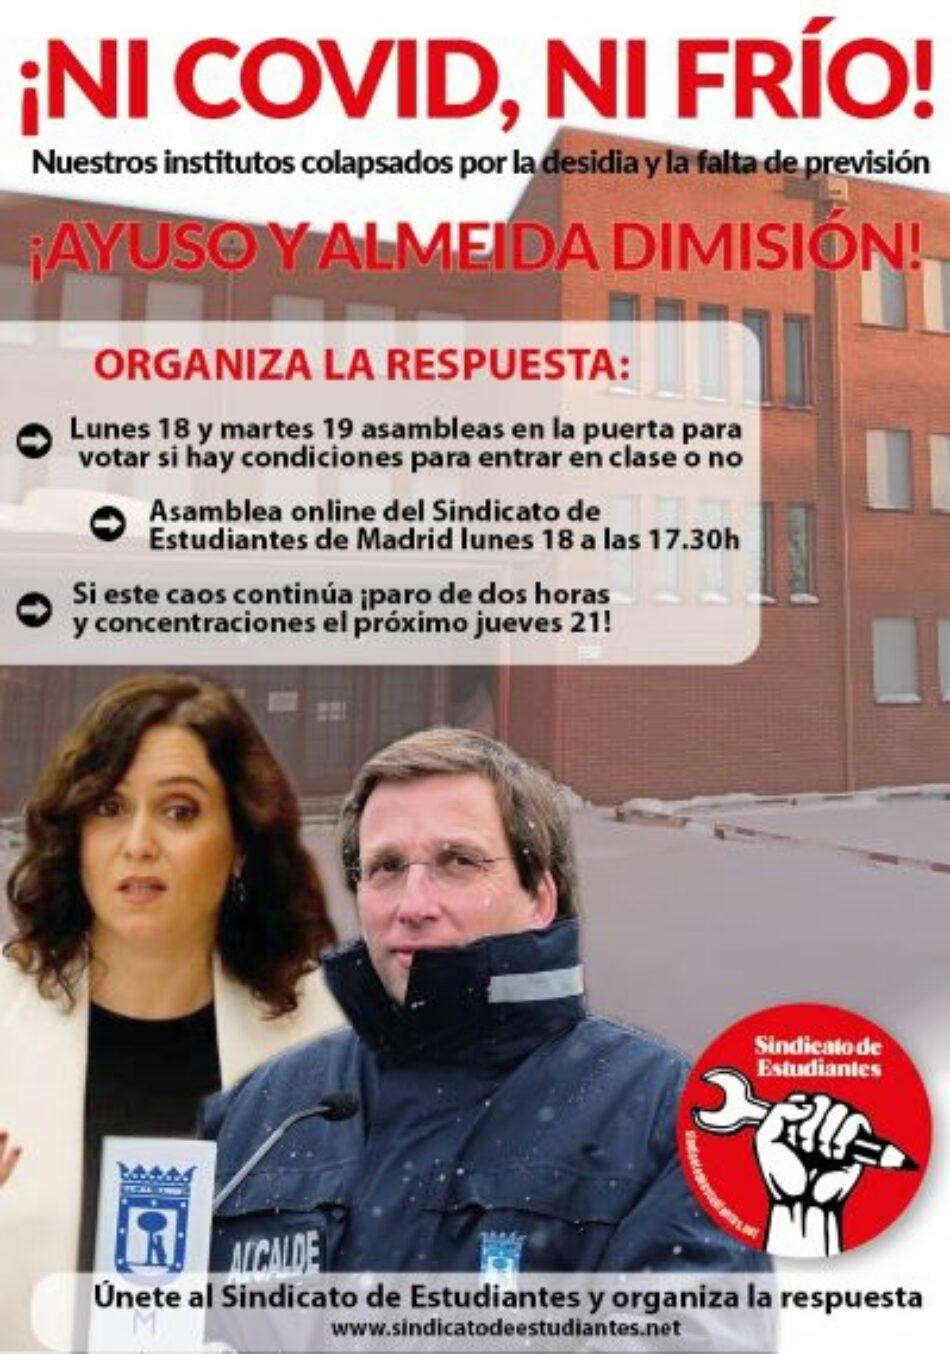 Madrid: institutos colapsados por la desidia y la falta de previsión. Lunes 18 y martes 19 asambleas en los centros para votar si hay condiciones para entrar en clase o no